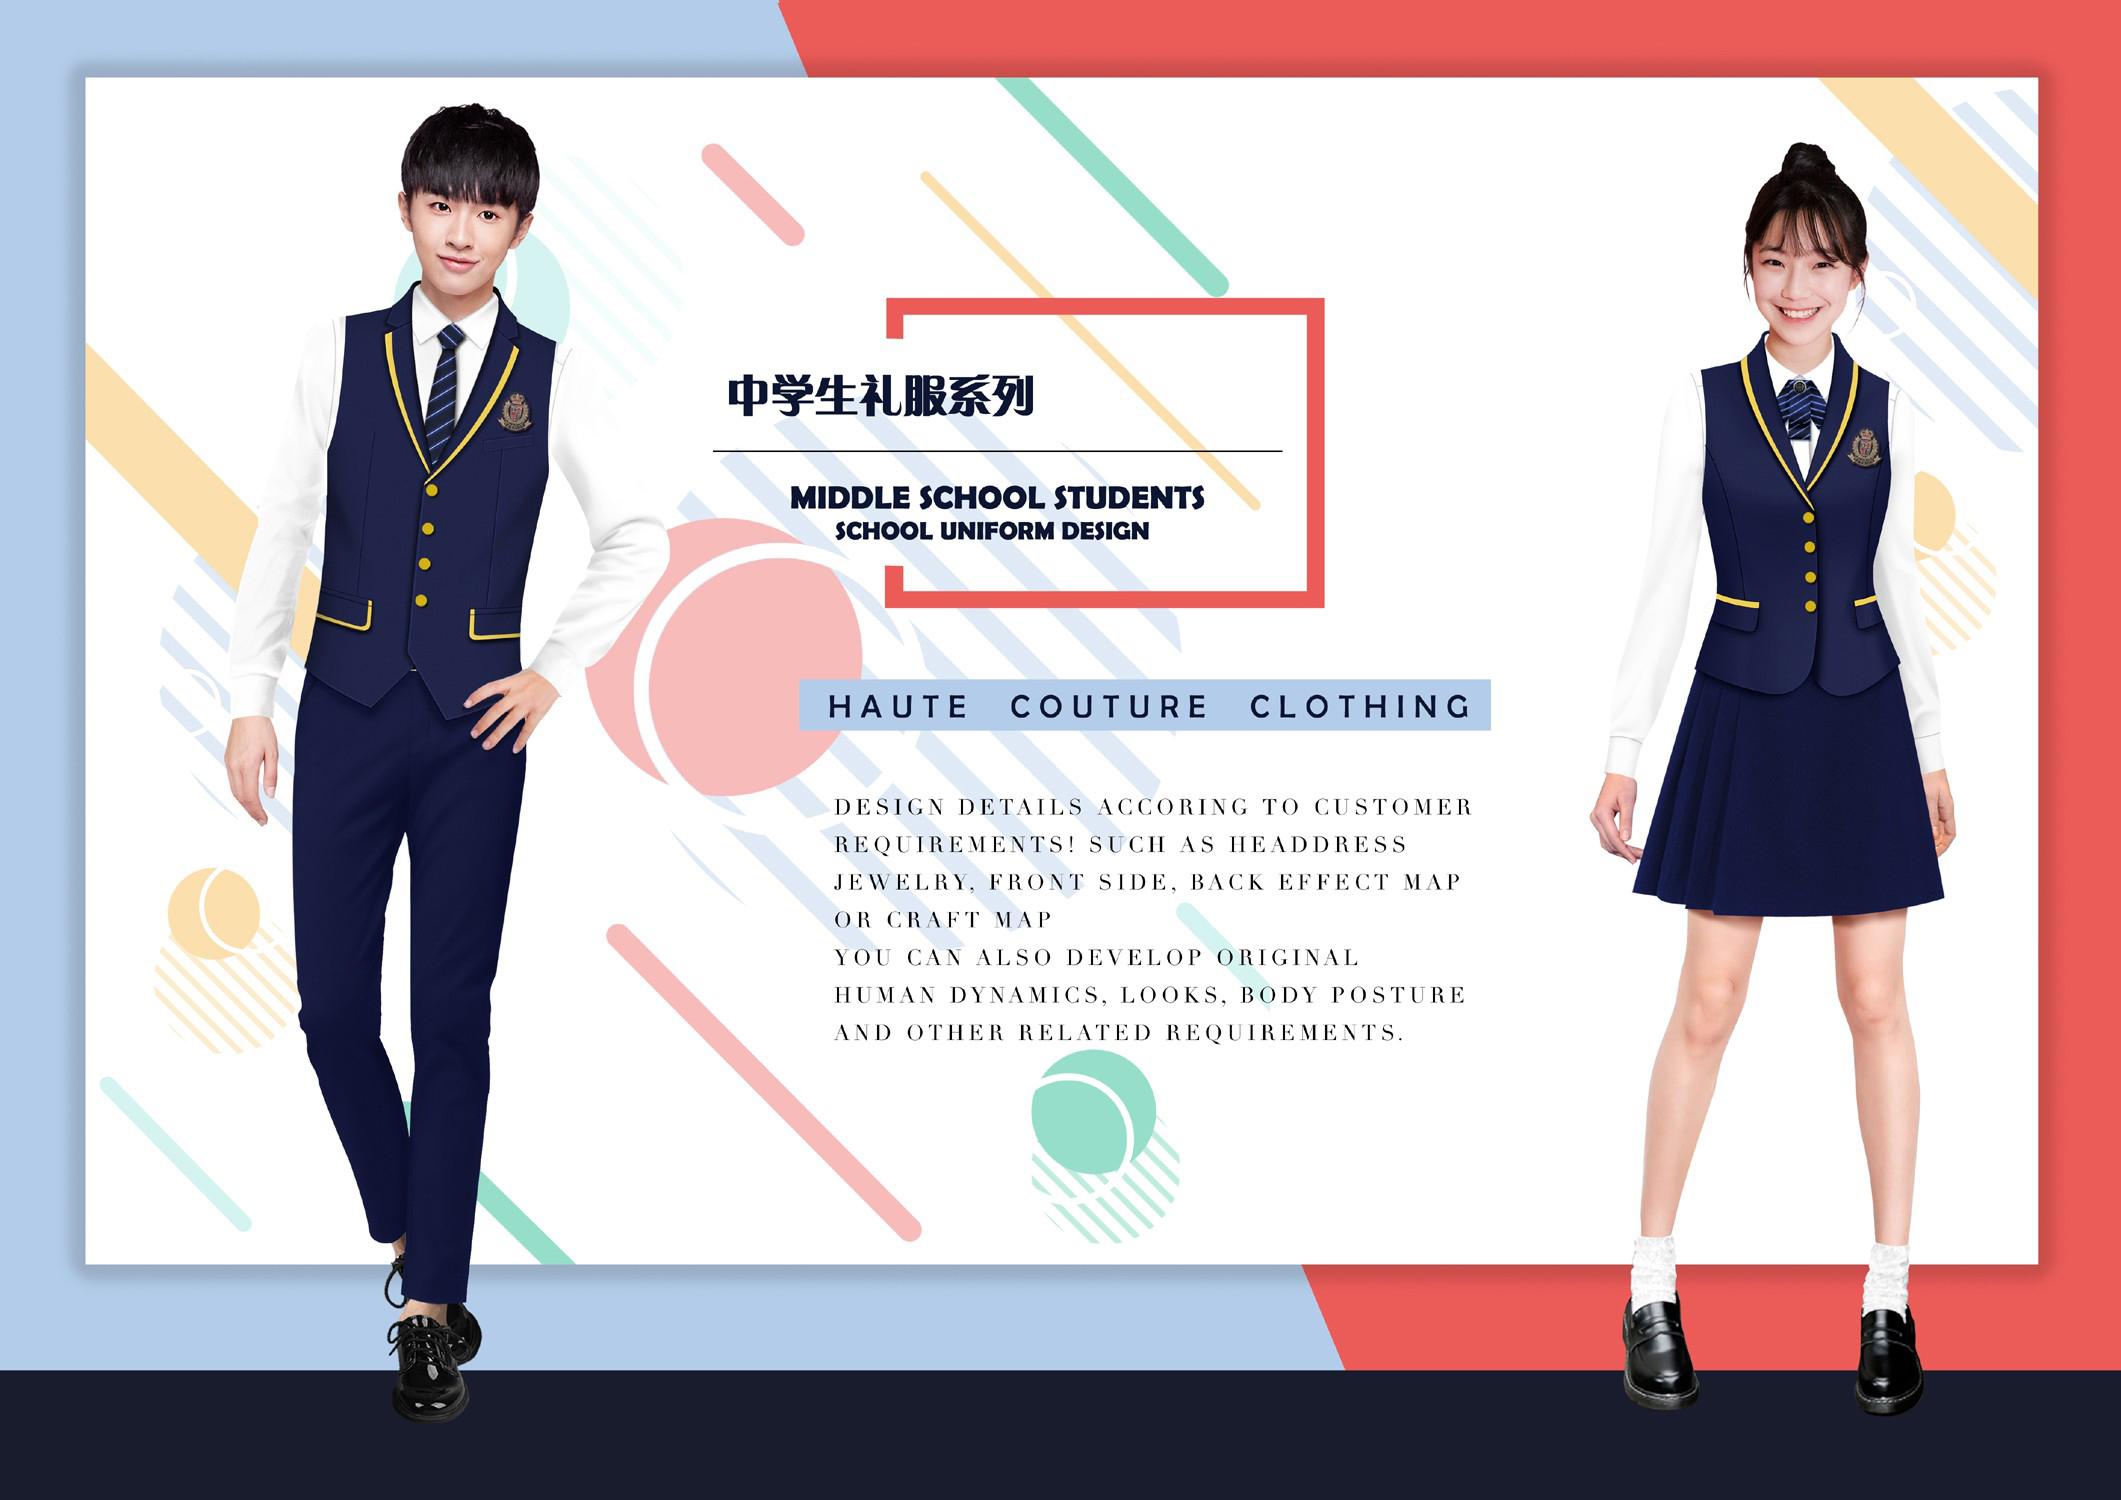 中学生穿的礼服裙